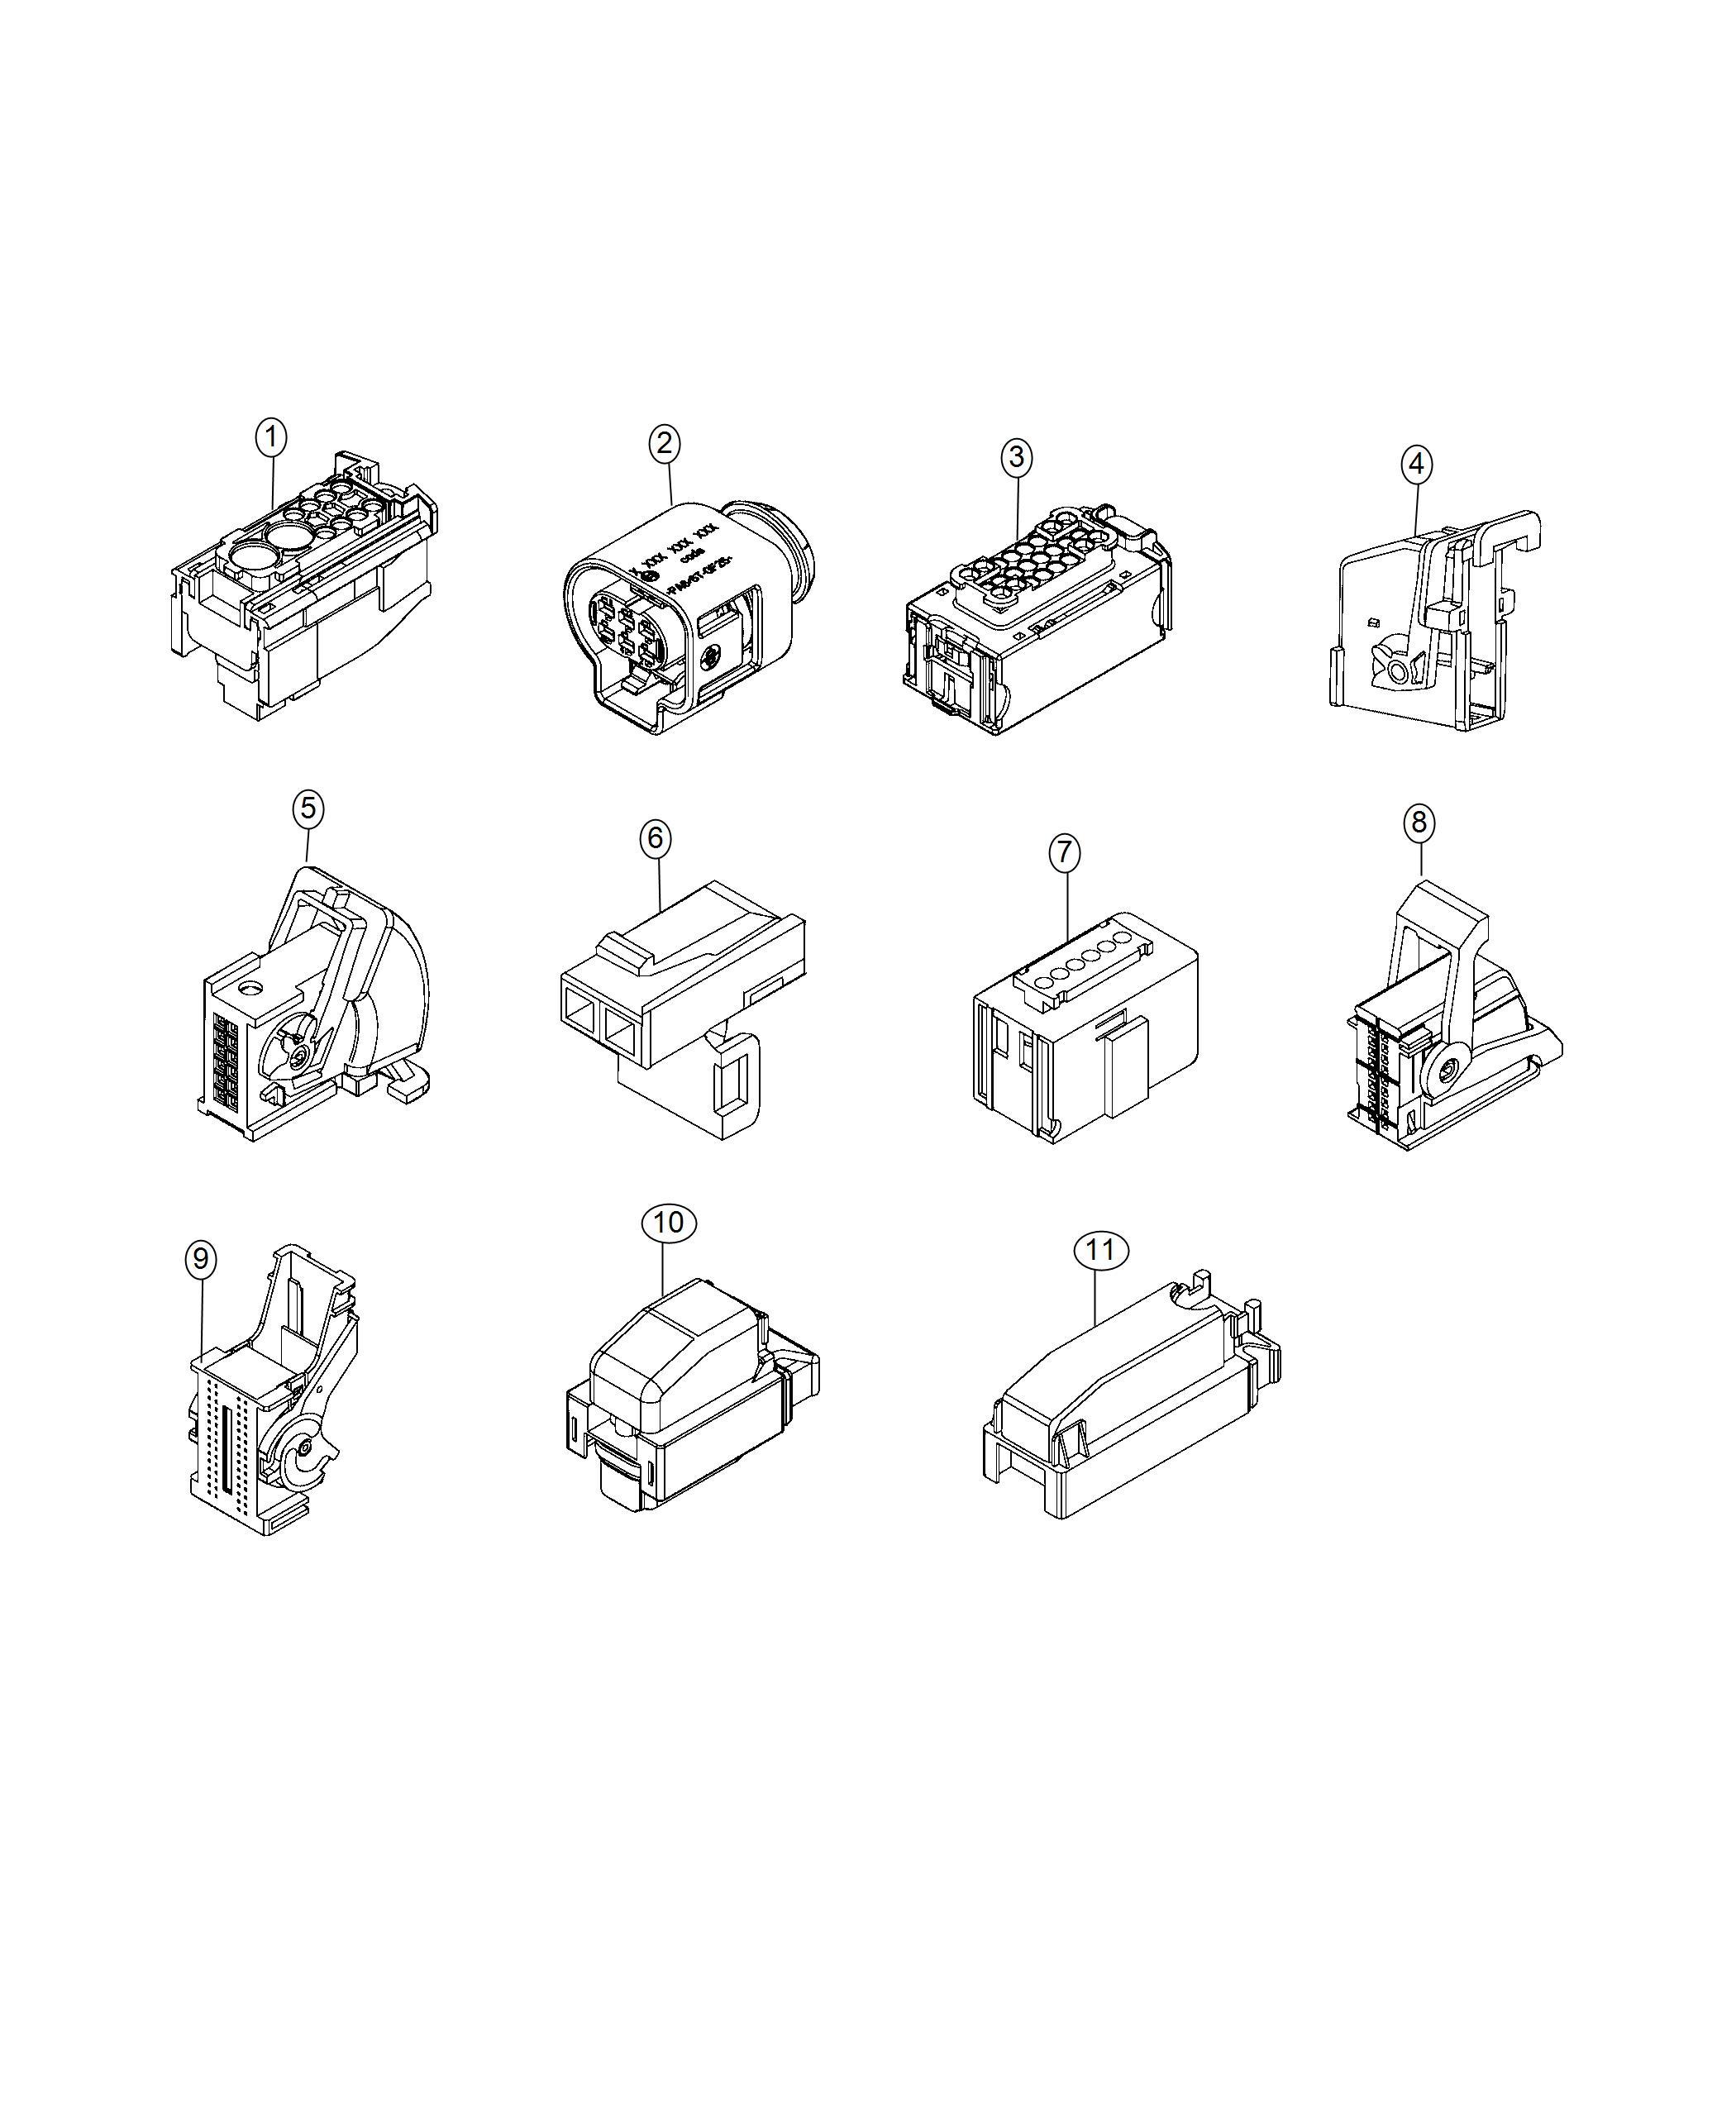 Ram Promaster Fuse Box Diagram